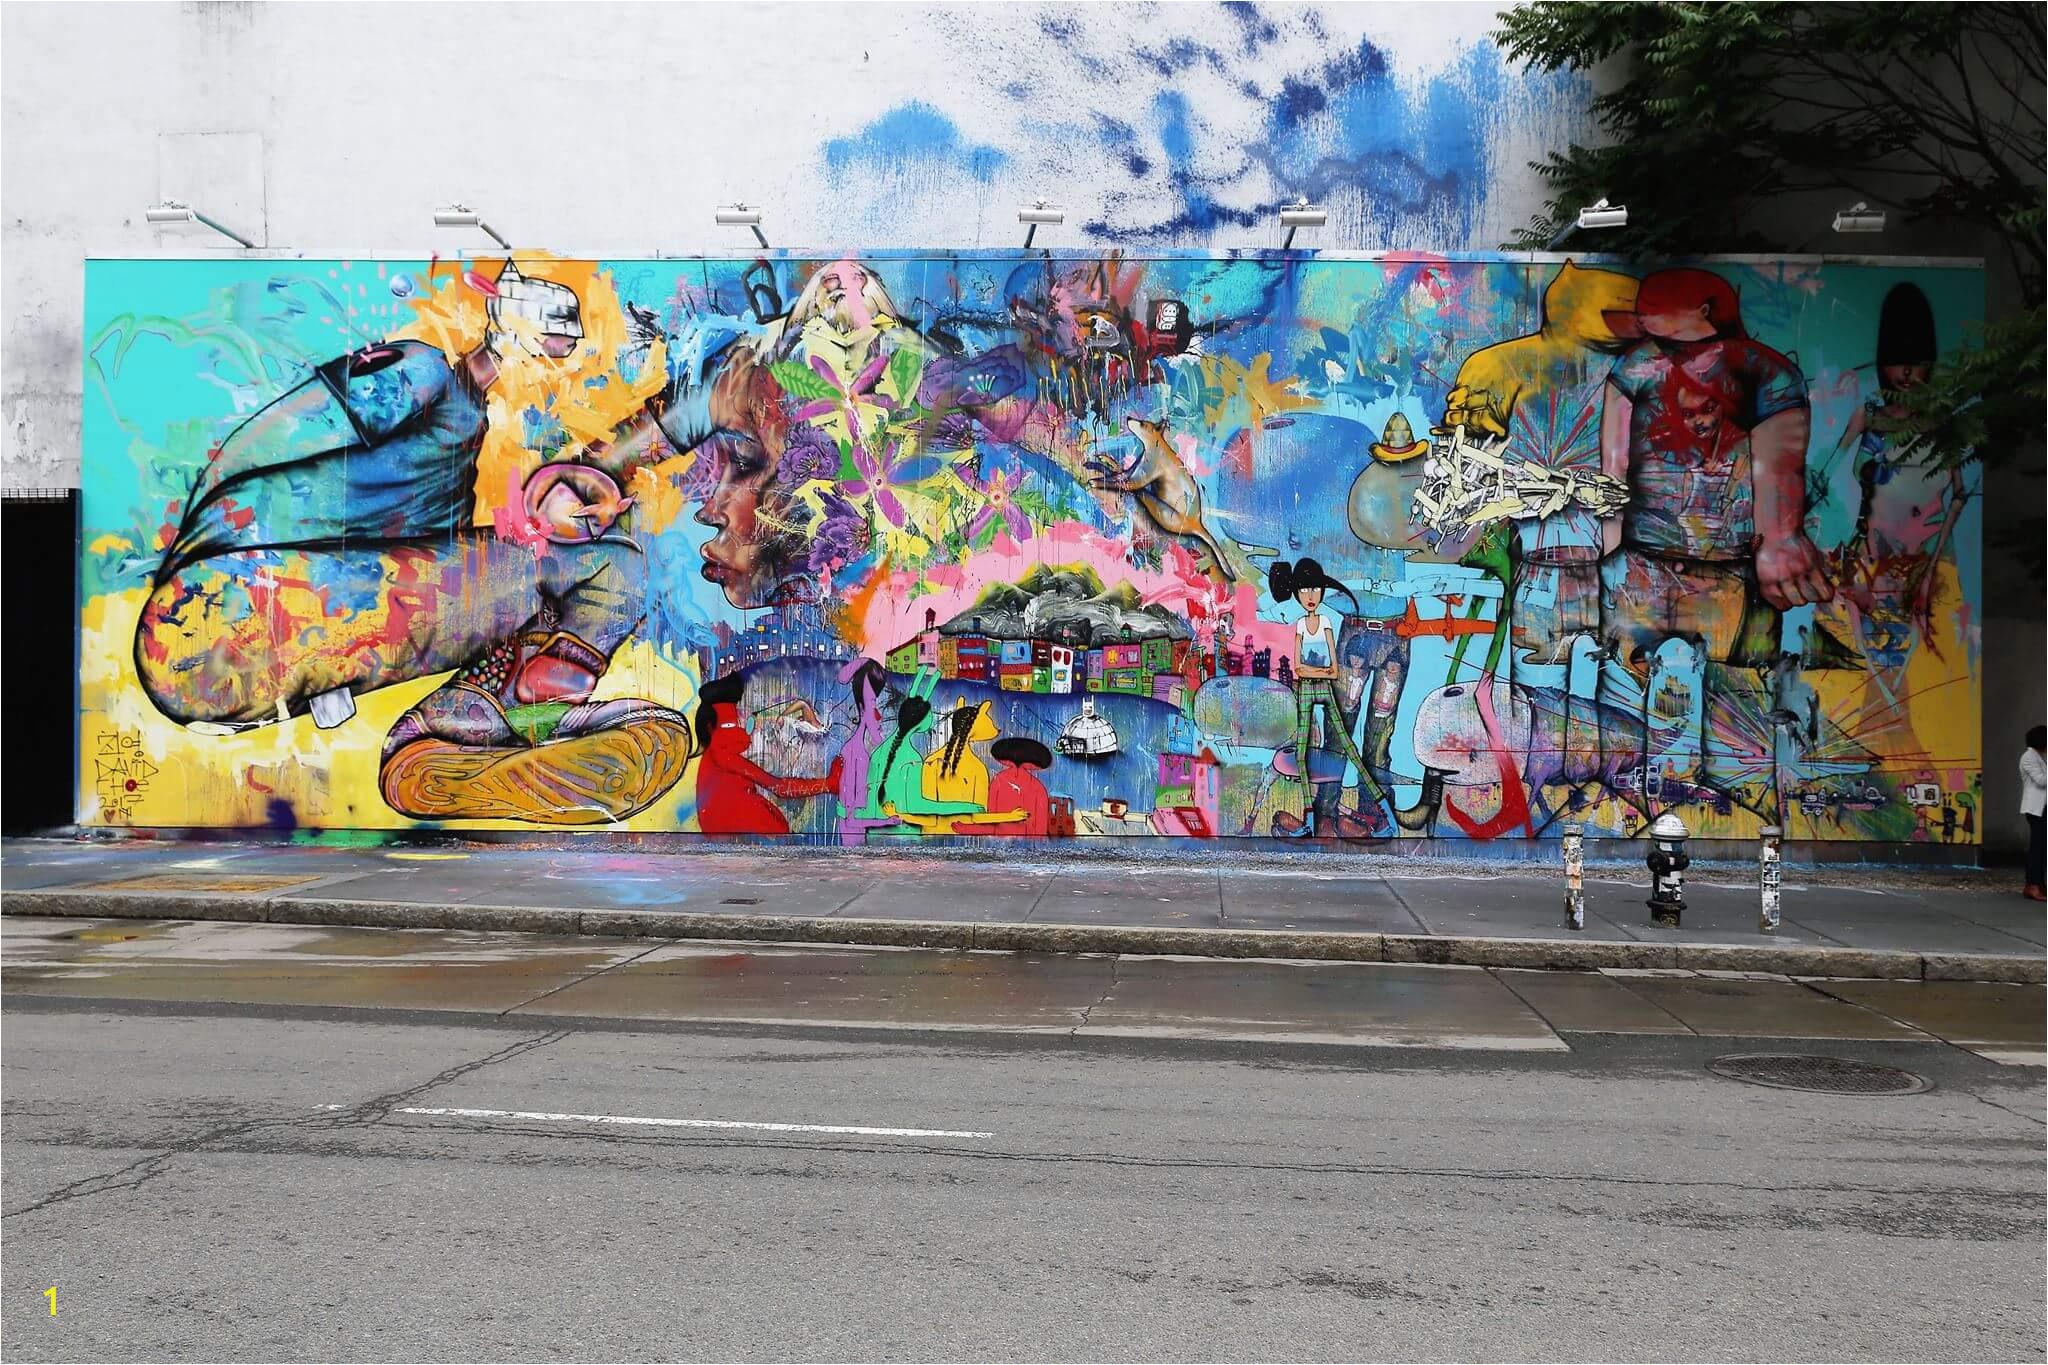 david choe graffiti street art bowery wall new york city photo credit just a spectator ben lau 19